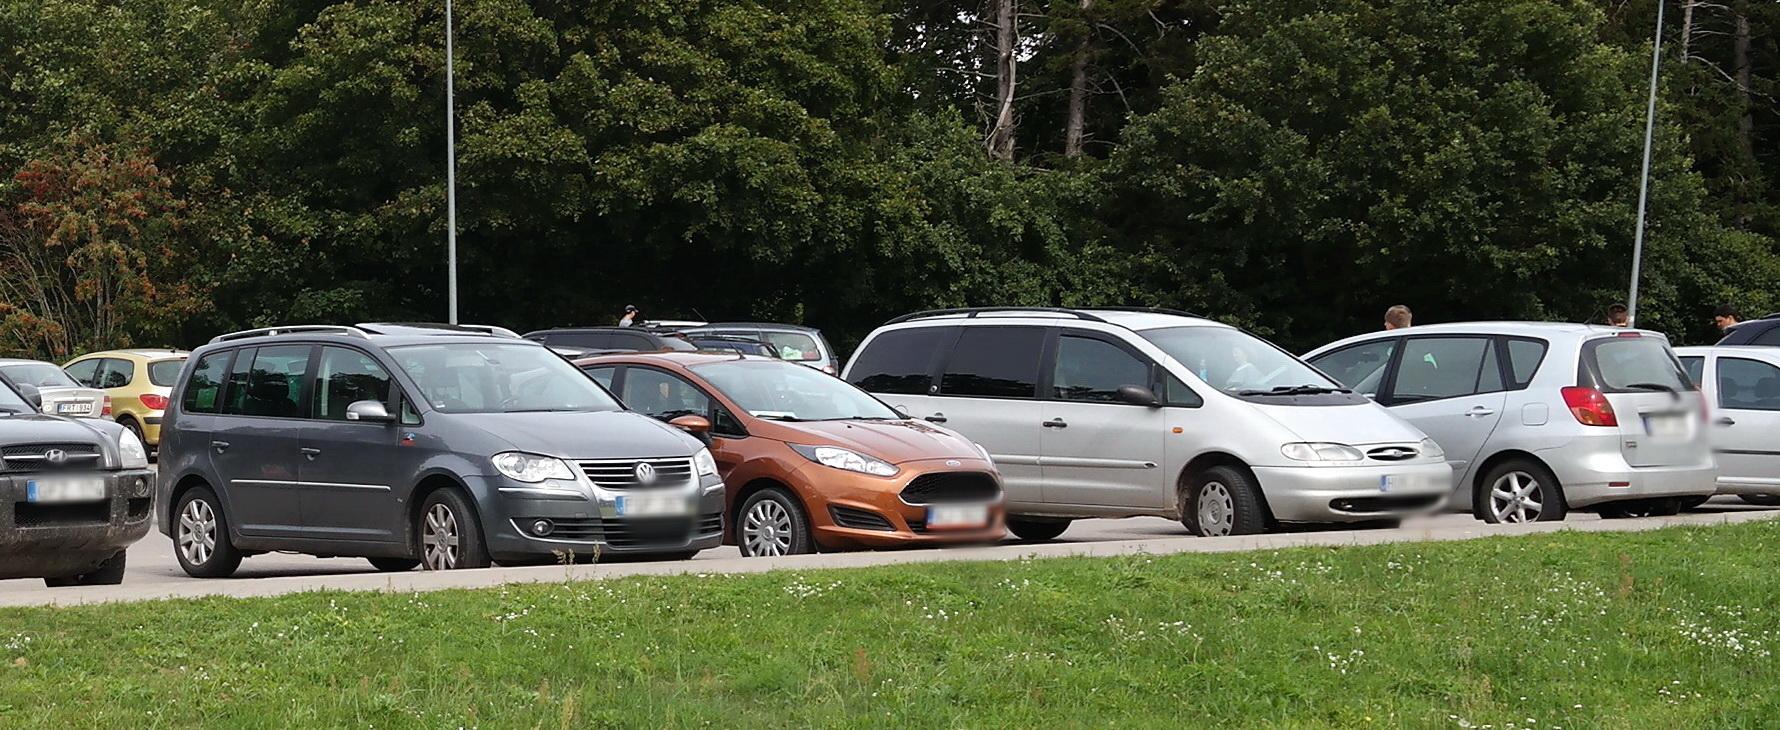 Apsilanko 69 automobiliai – ir atsiperka kuklus 61,69 Eur mėnesinis aikštelės nuomos mokestis.